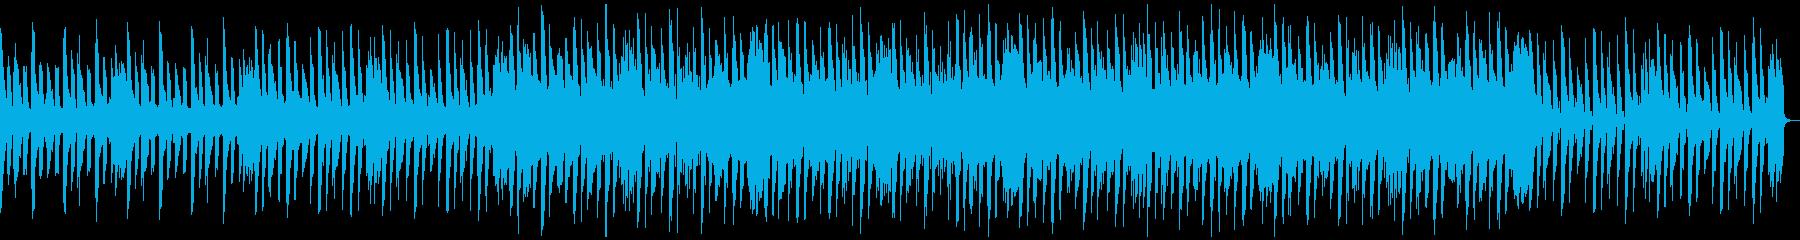 おしゃれ切ない4つ打ちBGMの再生済みの波形